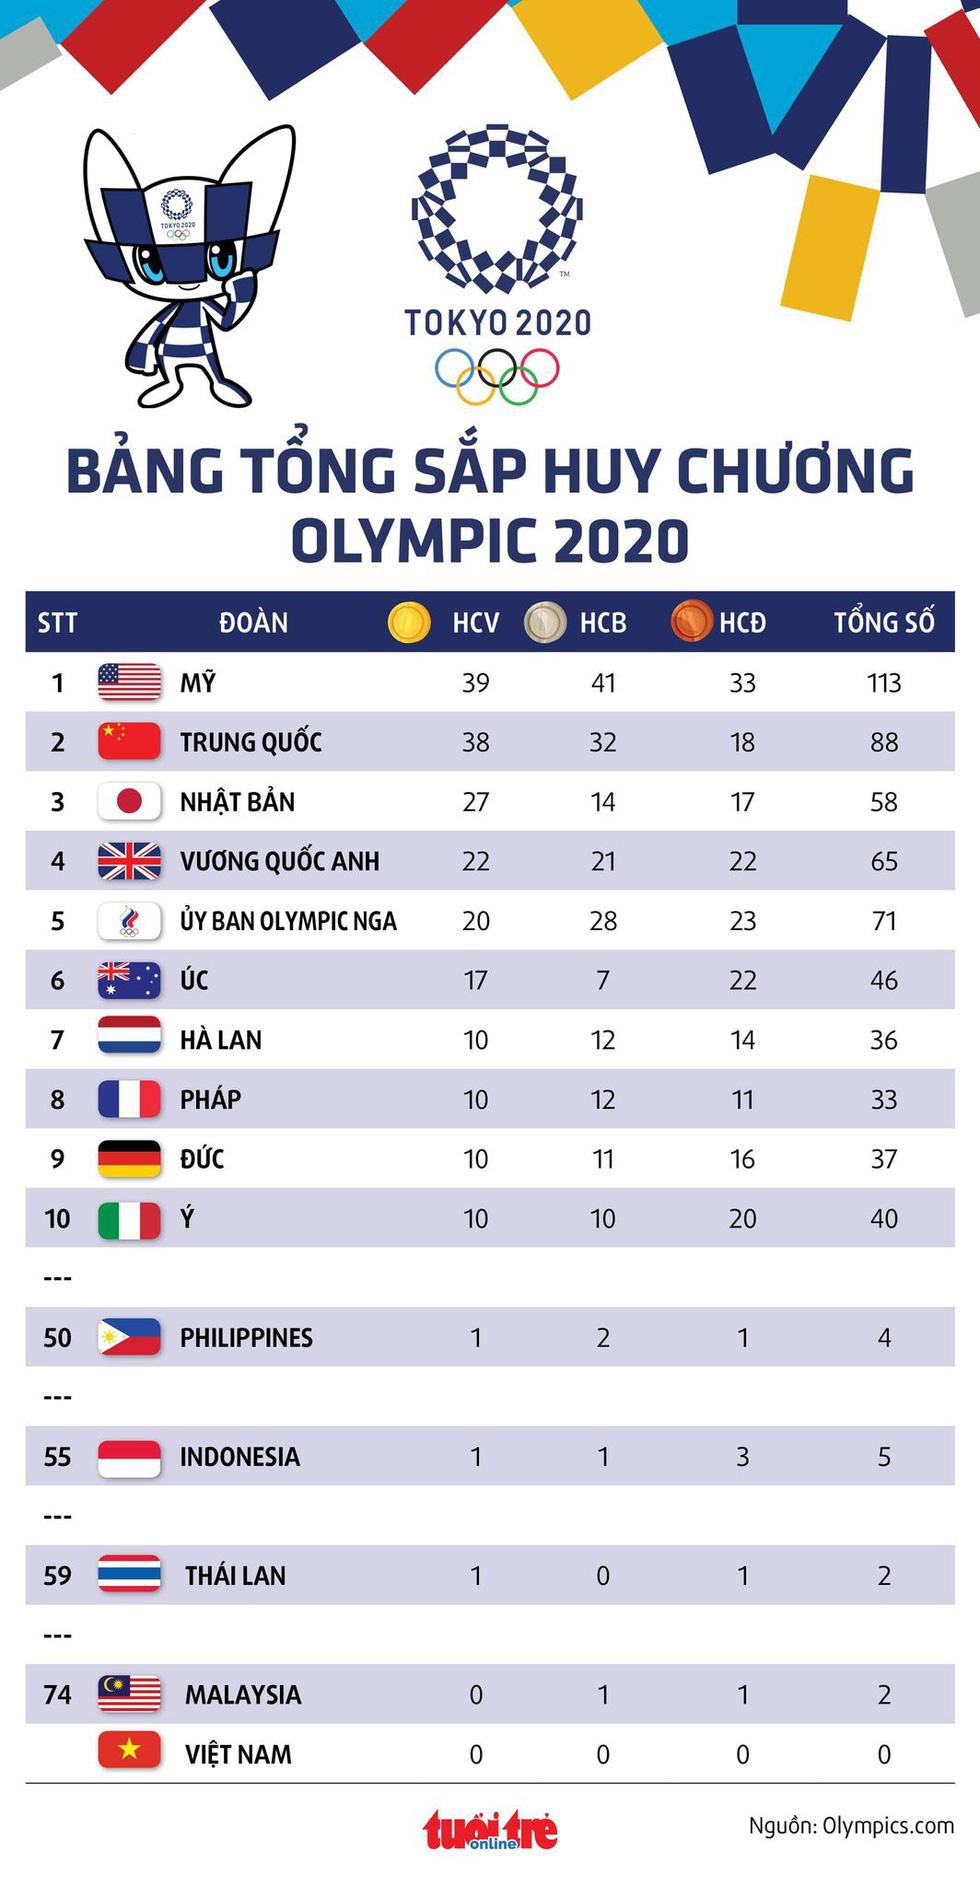 Tung cú nước rút thần tốc, Mỹ vượt mặt Trung Quốc giành ngôi nhất toàn đoàn ở Olympic 2020 - Ảnh 2.